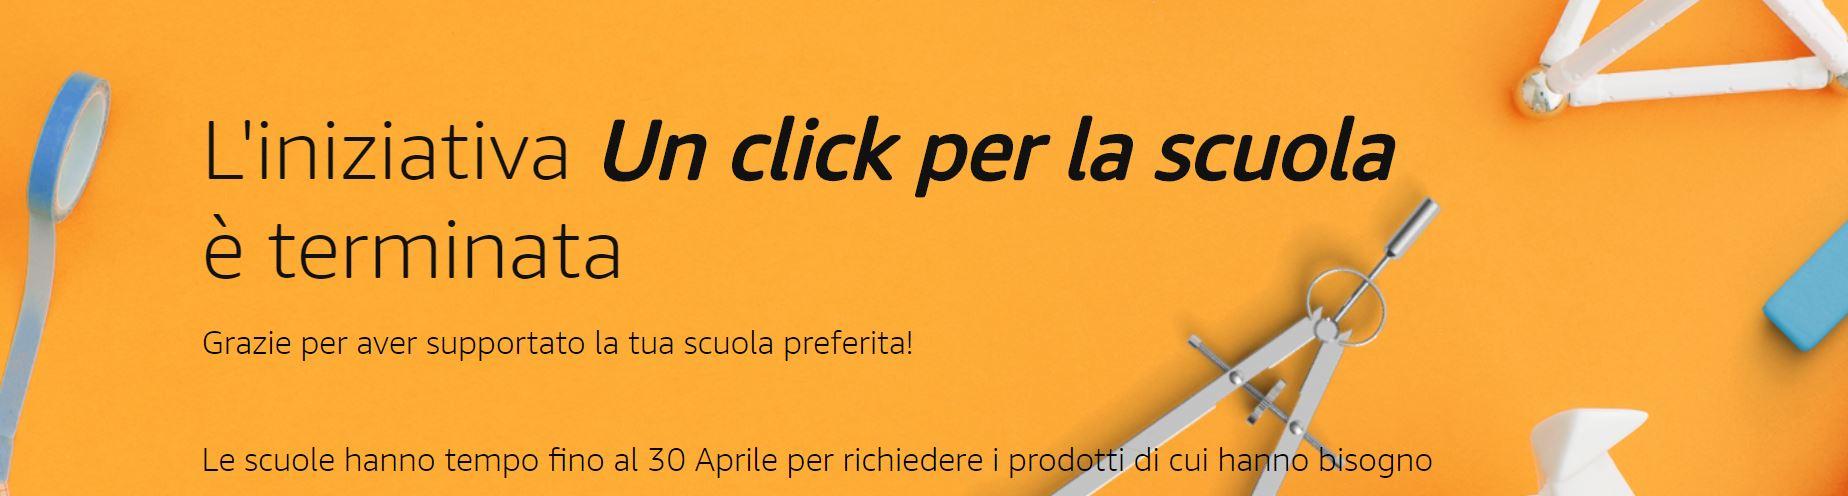 Amazon dona 1,9 milioni di euro alle scuole italiane con un Click per la Scuola